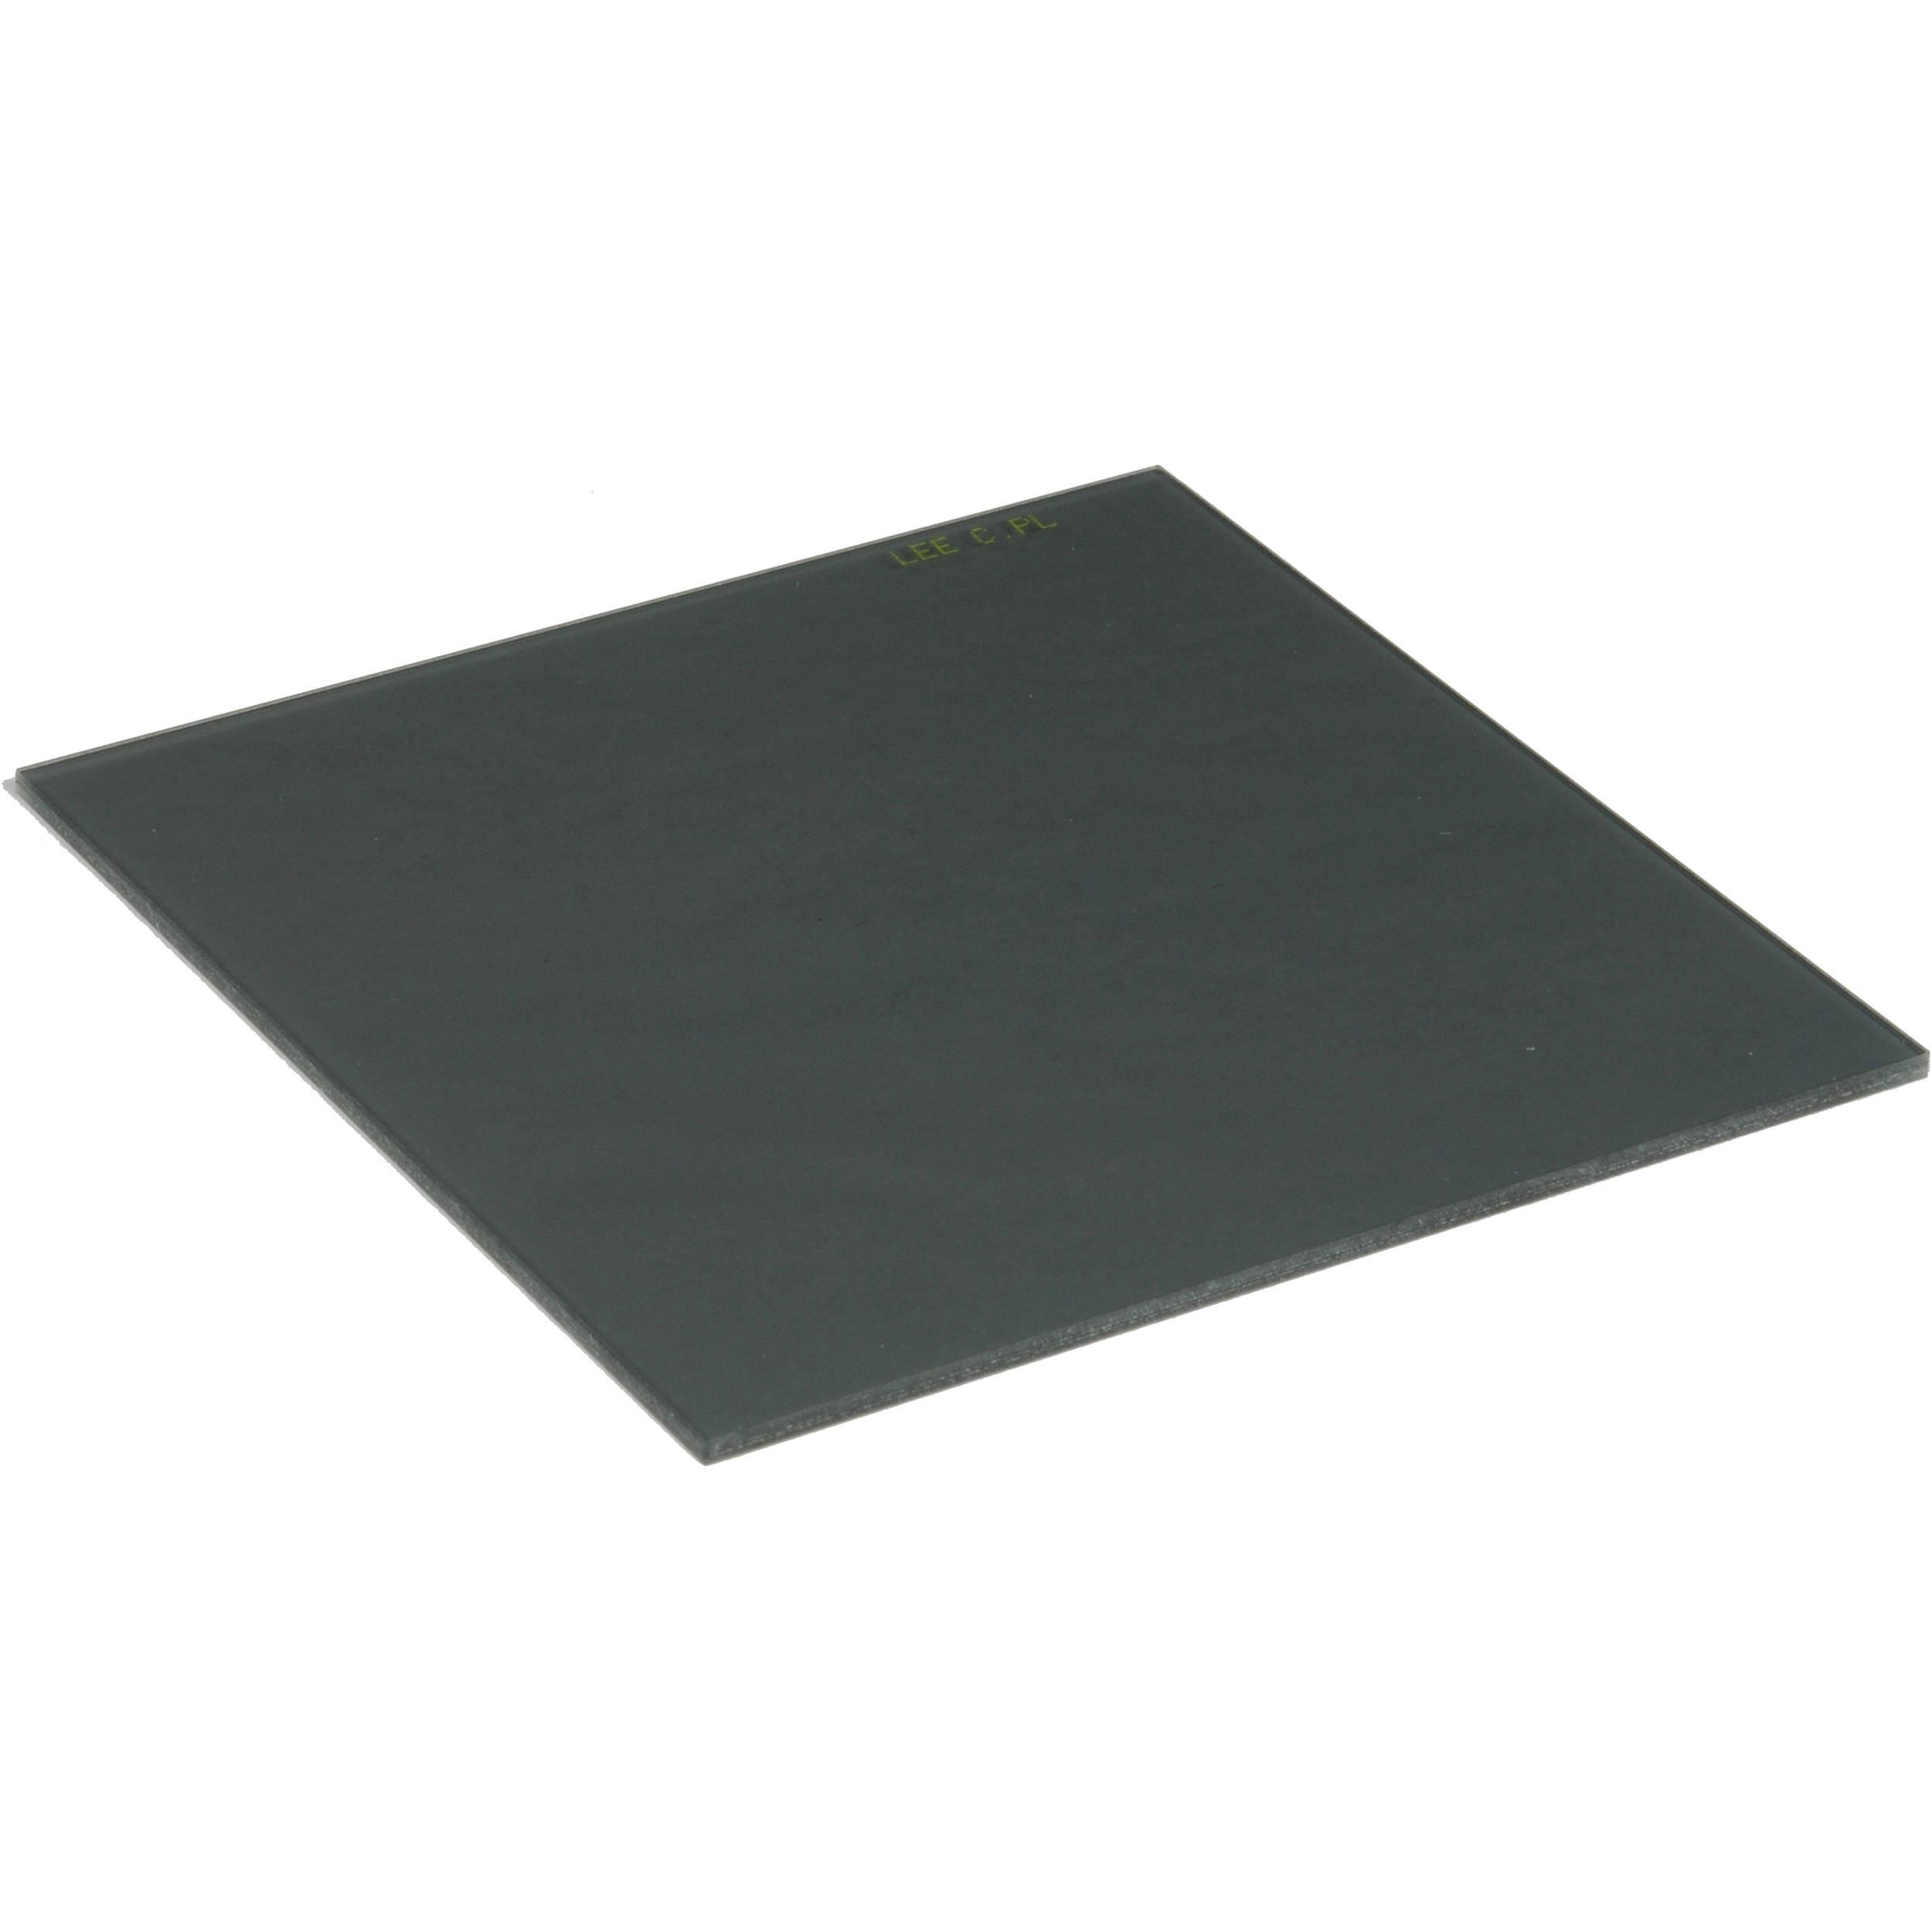 Фильтр поляризационный LEE Circular Polariser 100x100 мм Un 2 мм